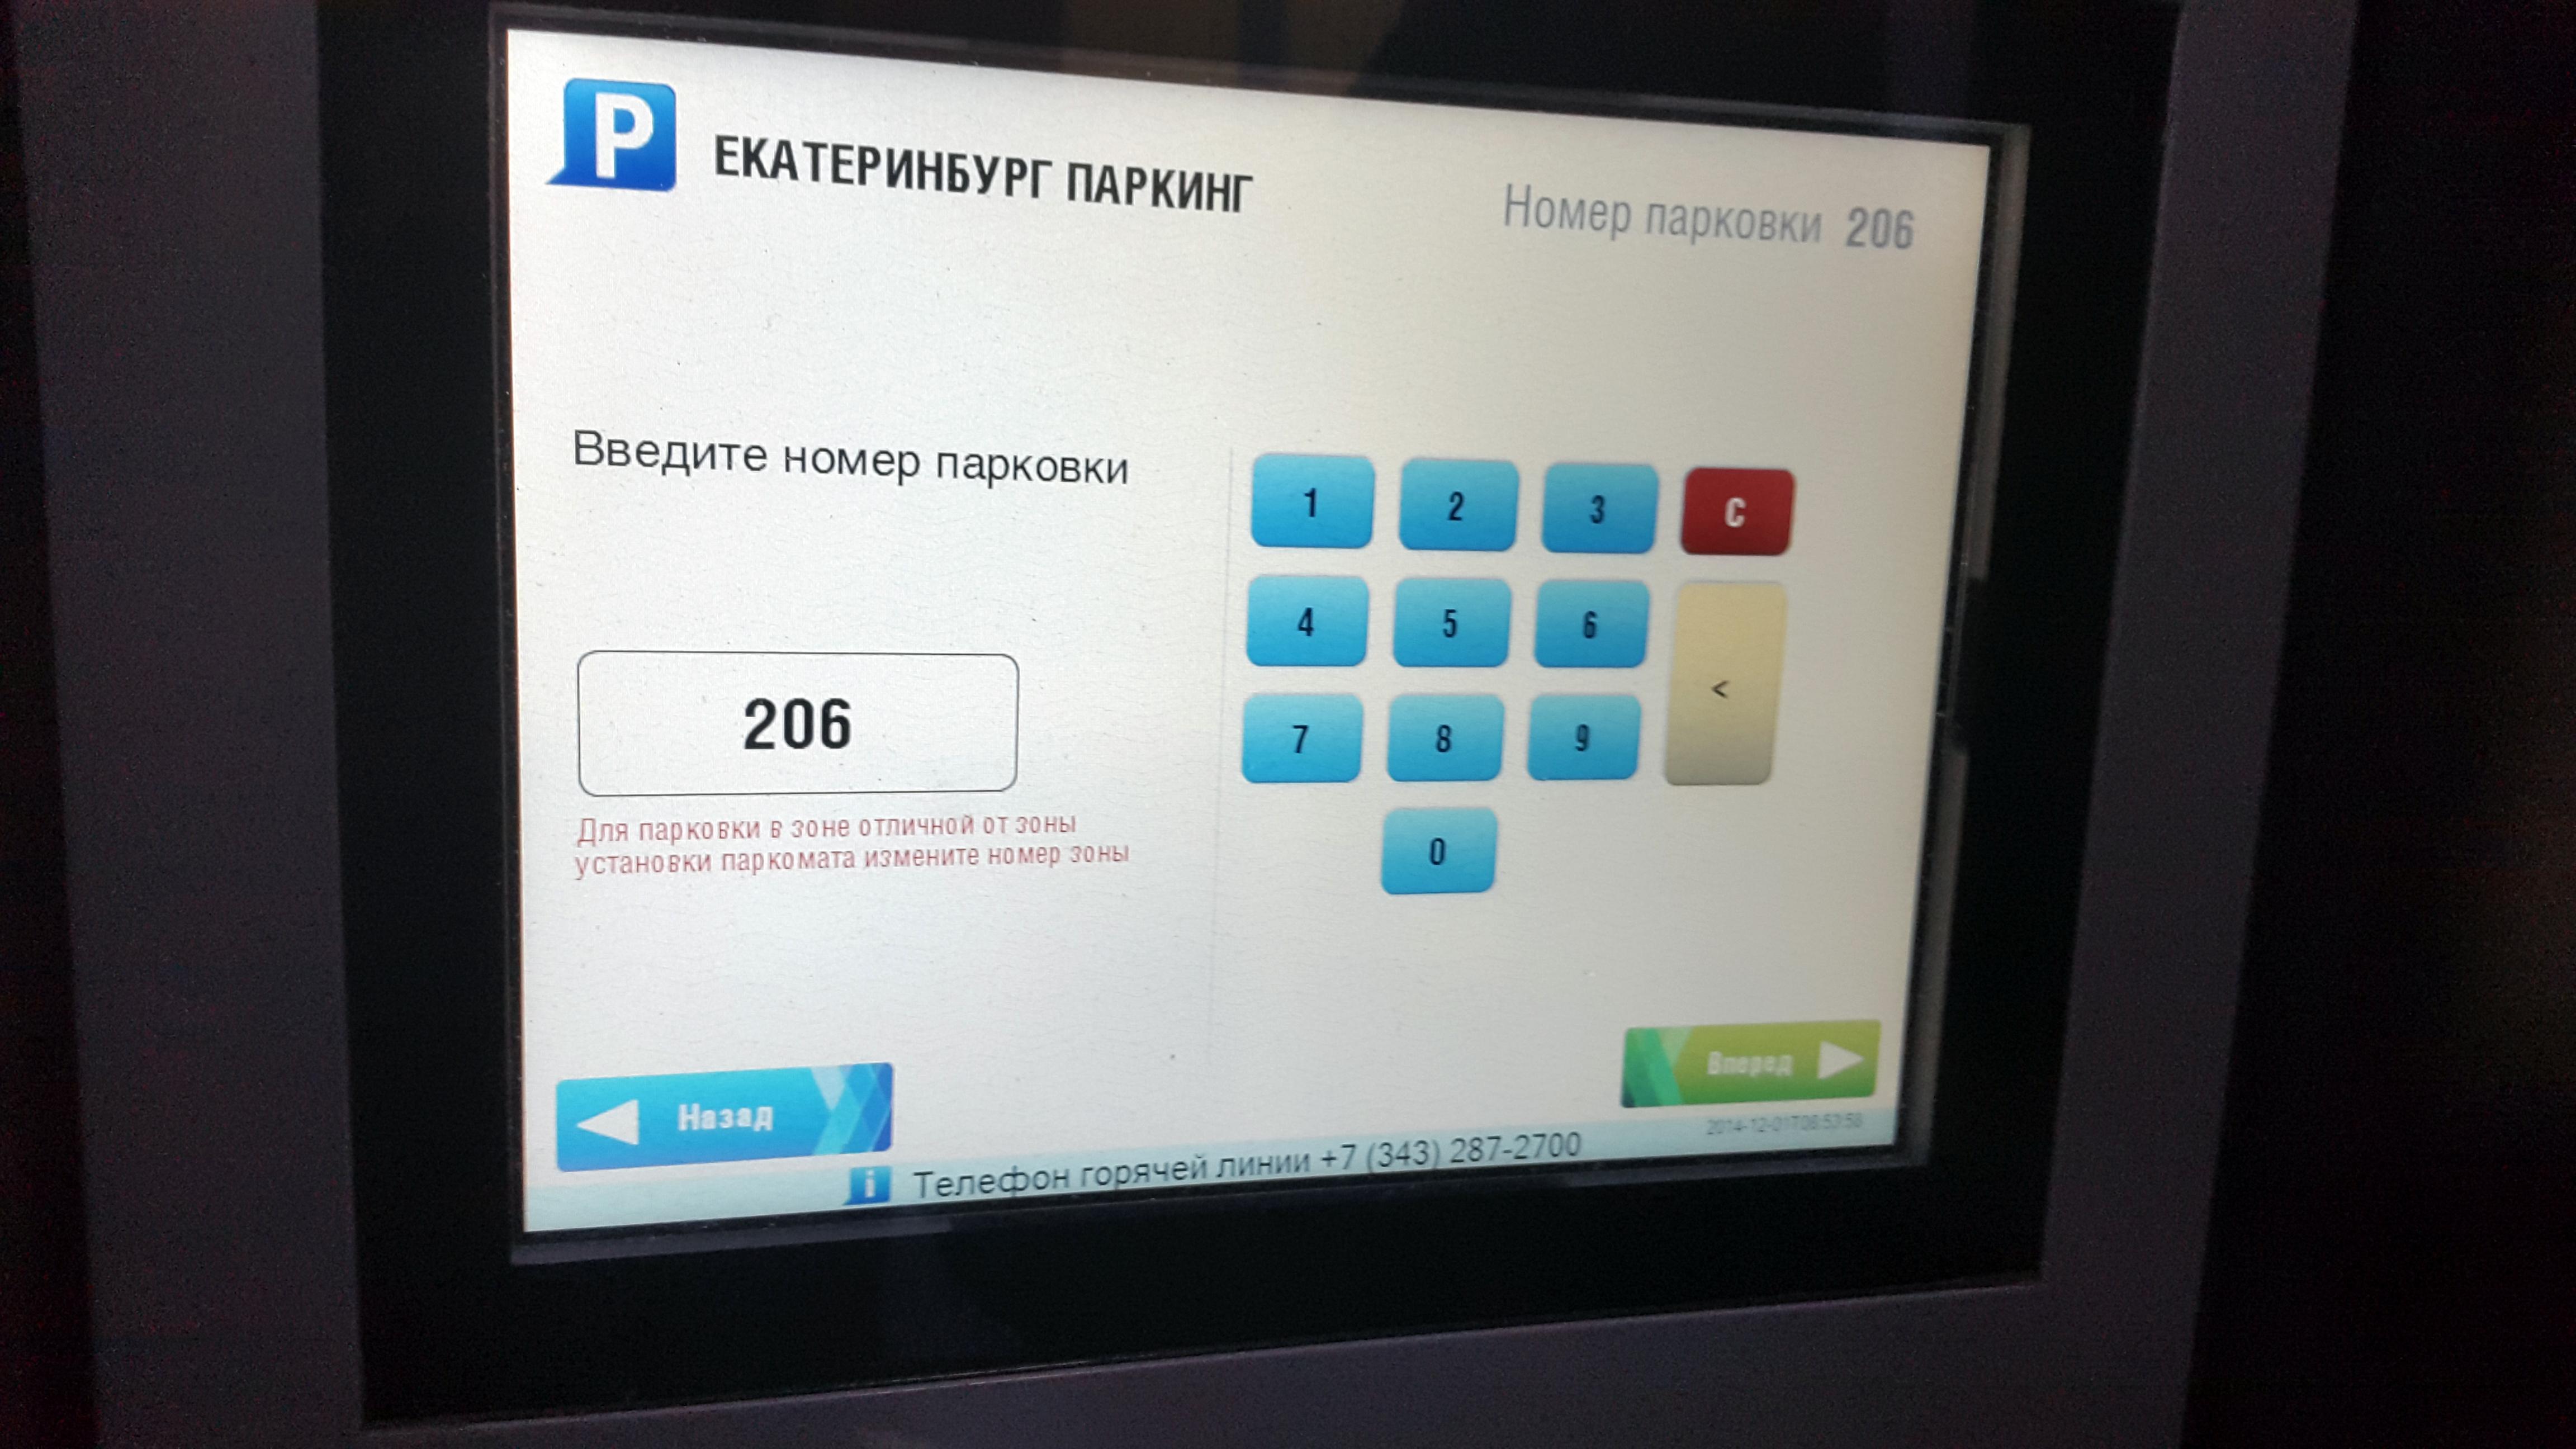 Урал научит: Казань копирует у нас систему платной парковки